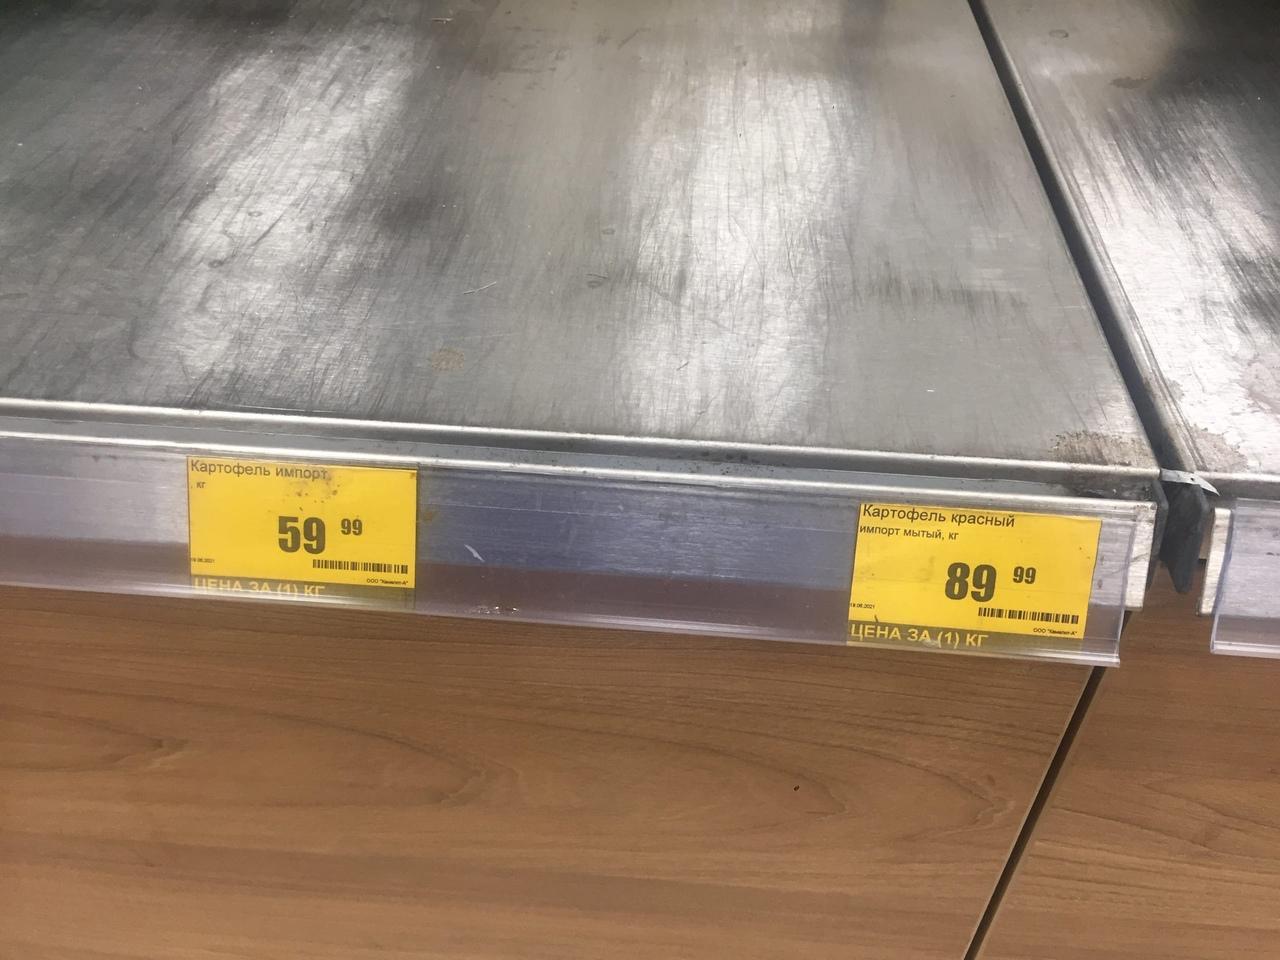 Фото «Хотят, чтобы померли с голодухи»: в Новосибирске раскупили дешёвый картофель 3